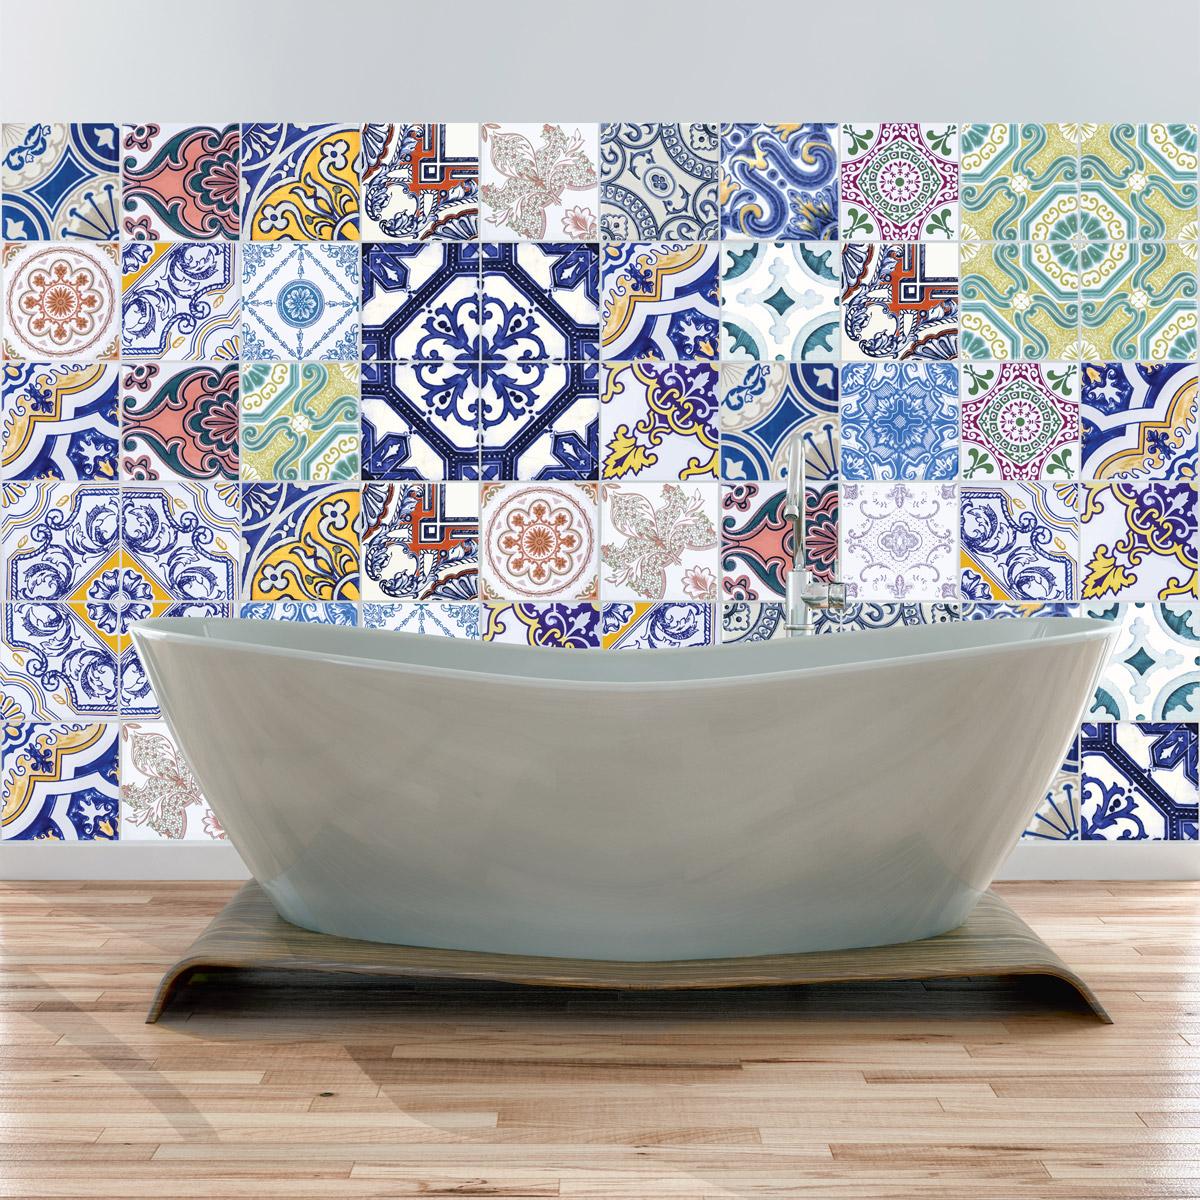 60 stickers carreaux de ciment azulejos multicolores l gants art et design artistiques. Black Bedroom Furniture Sets. Home Design Ideas